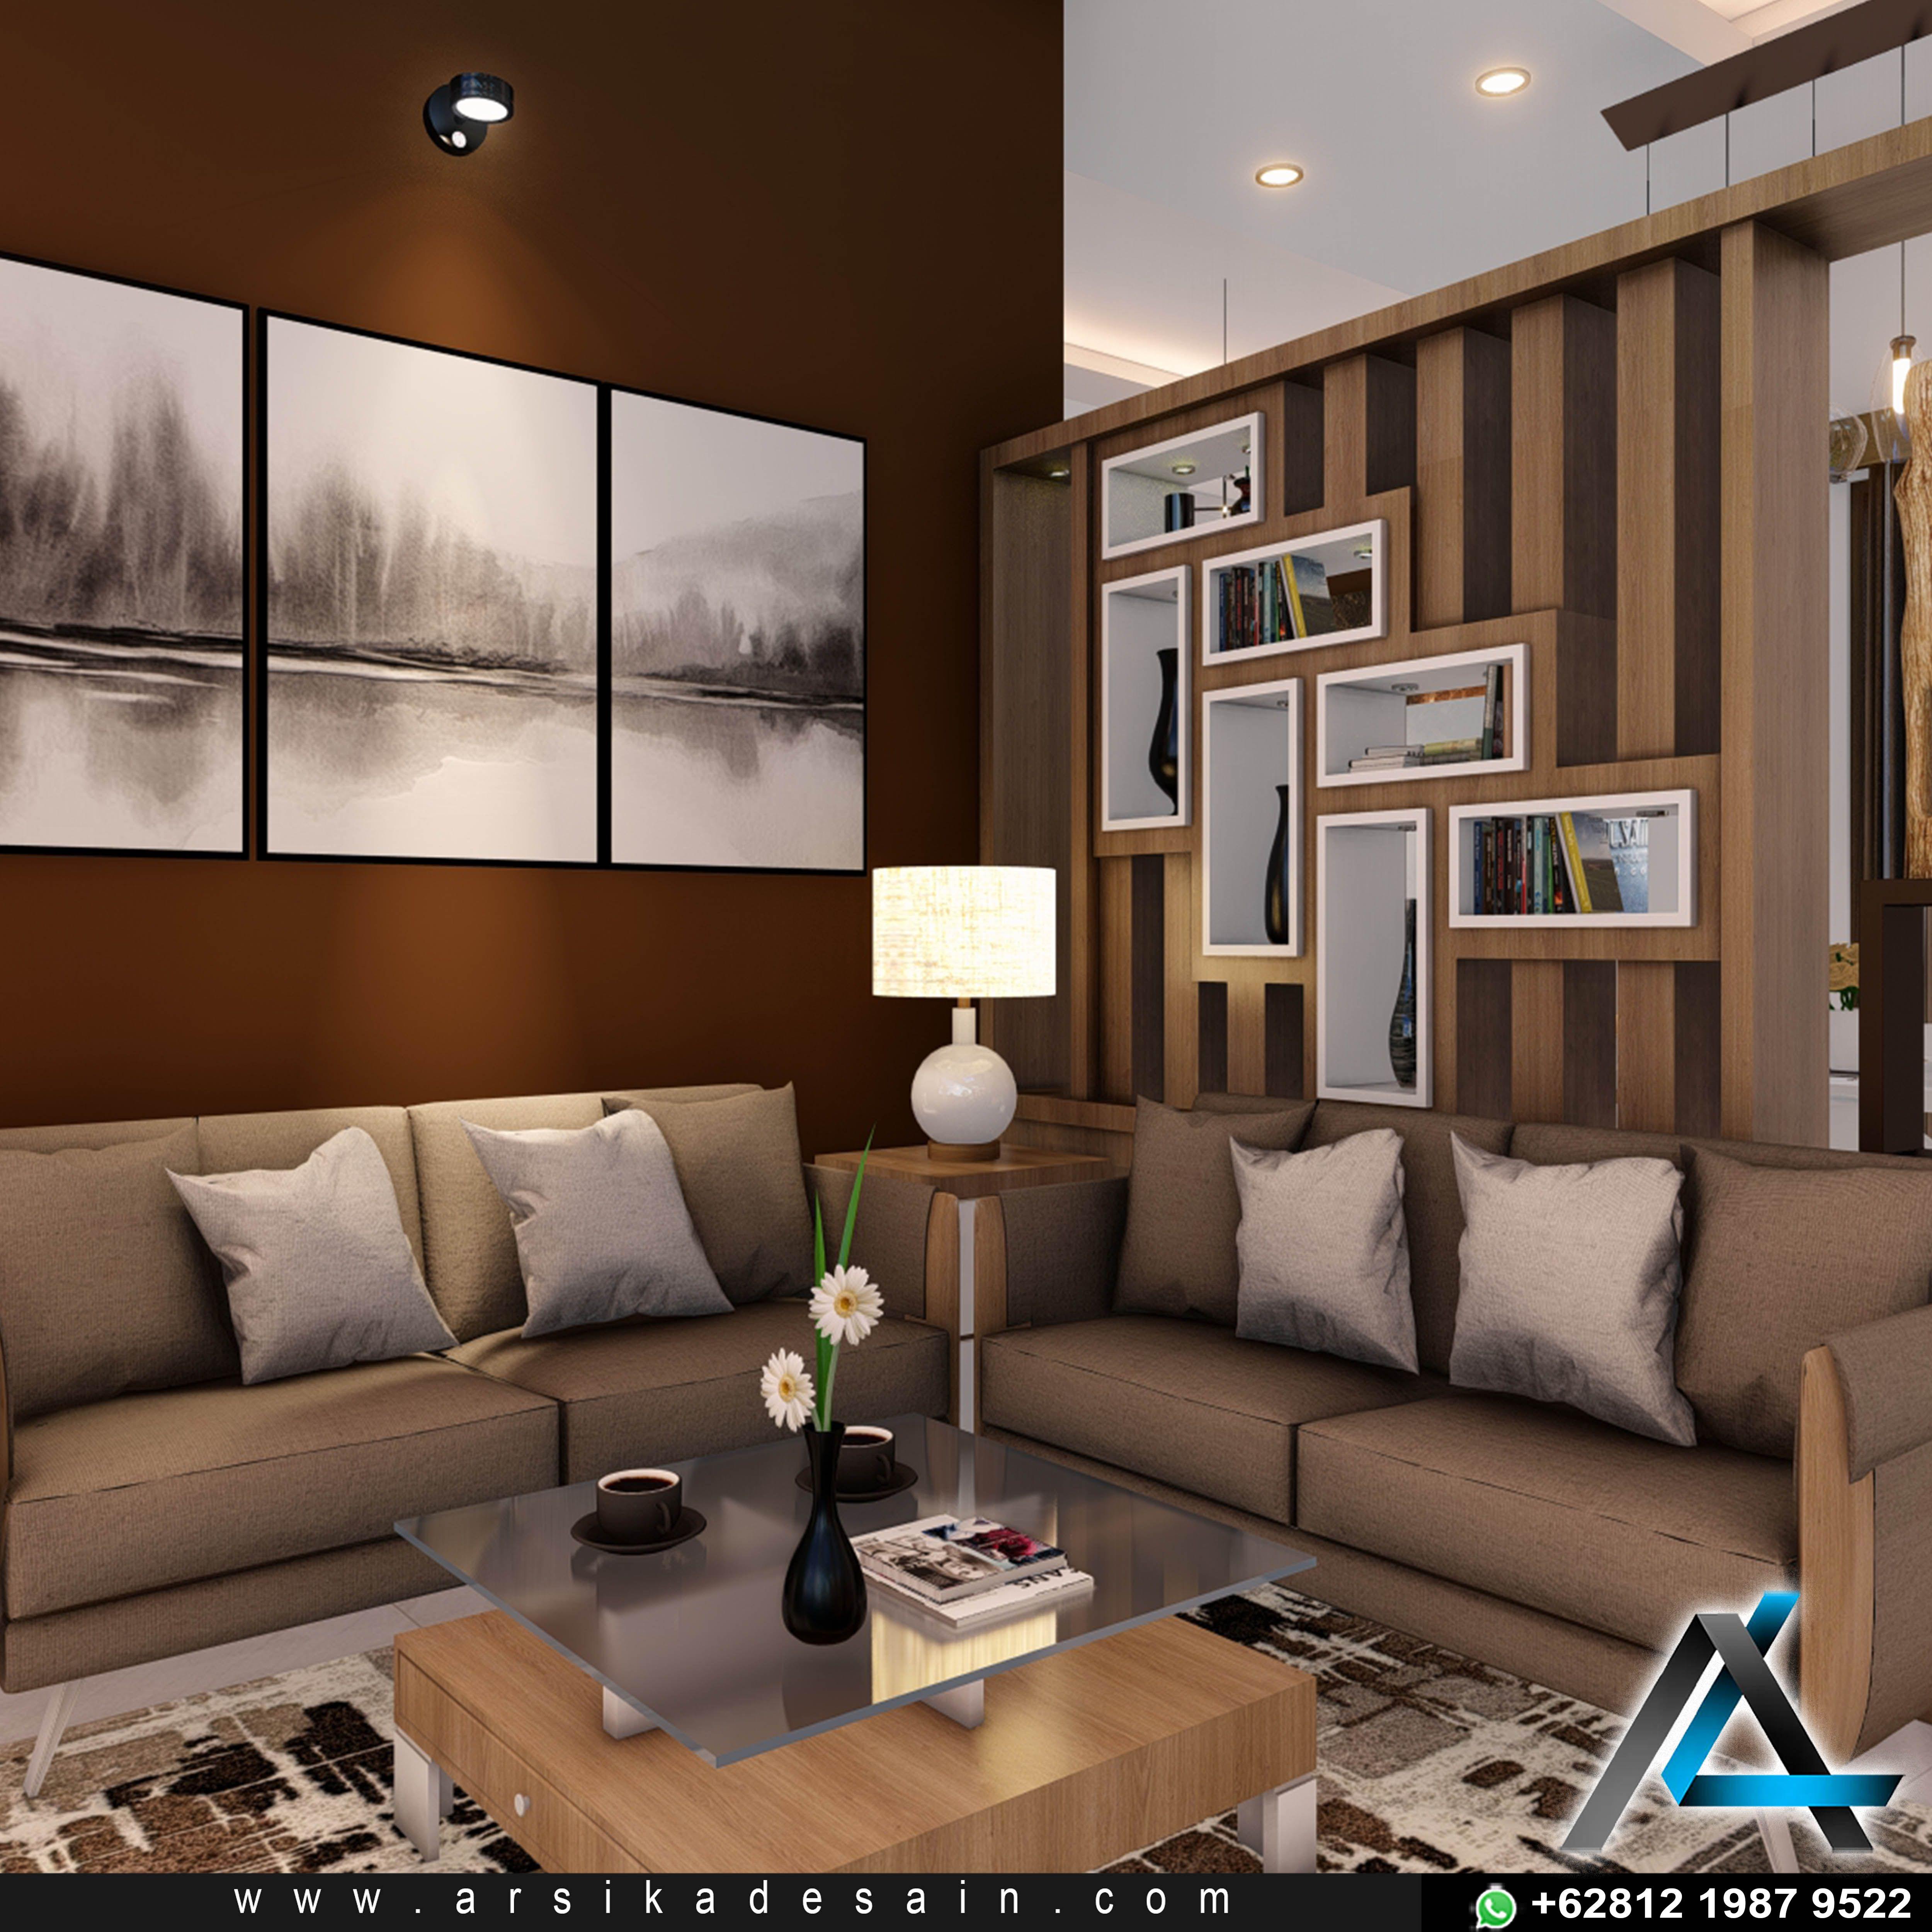 Desain Interior Ruang Tamu Minimalis Modern Di 2020 Desain Interior Interior Ruang Tamu Rumah